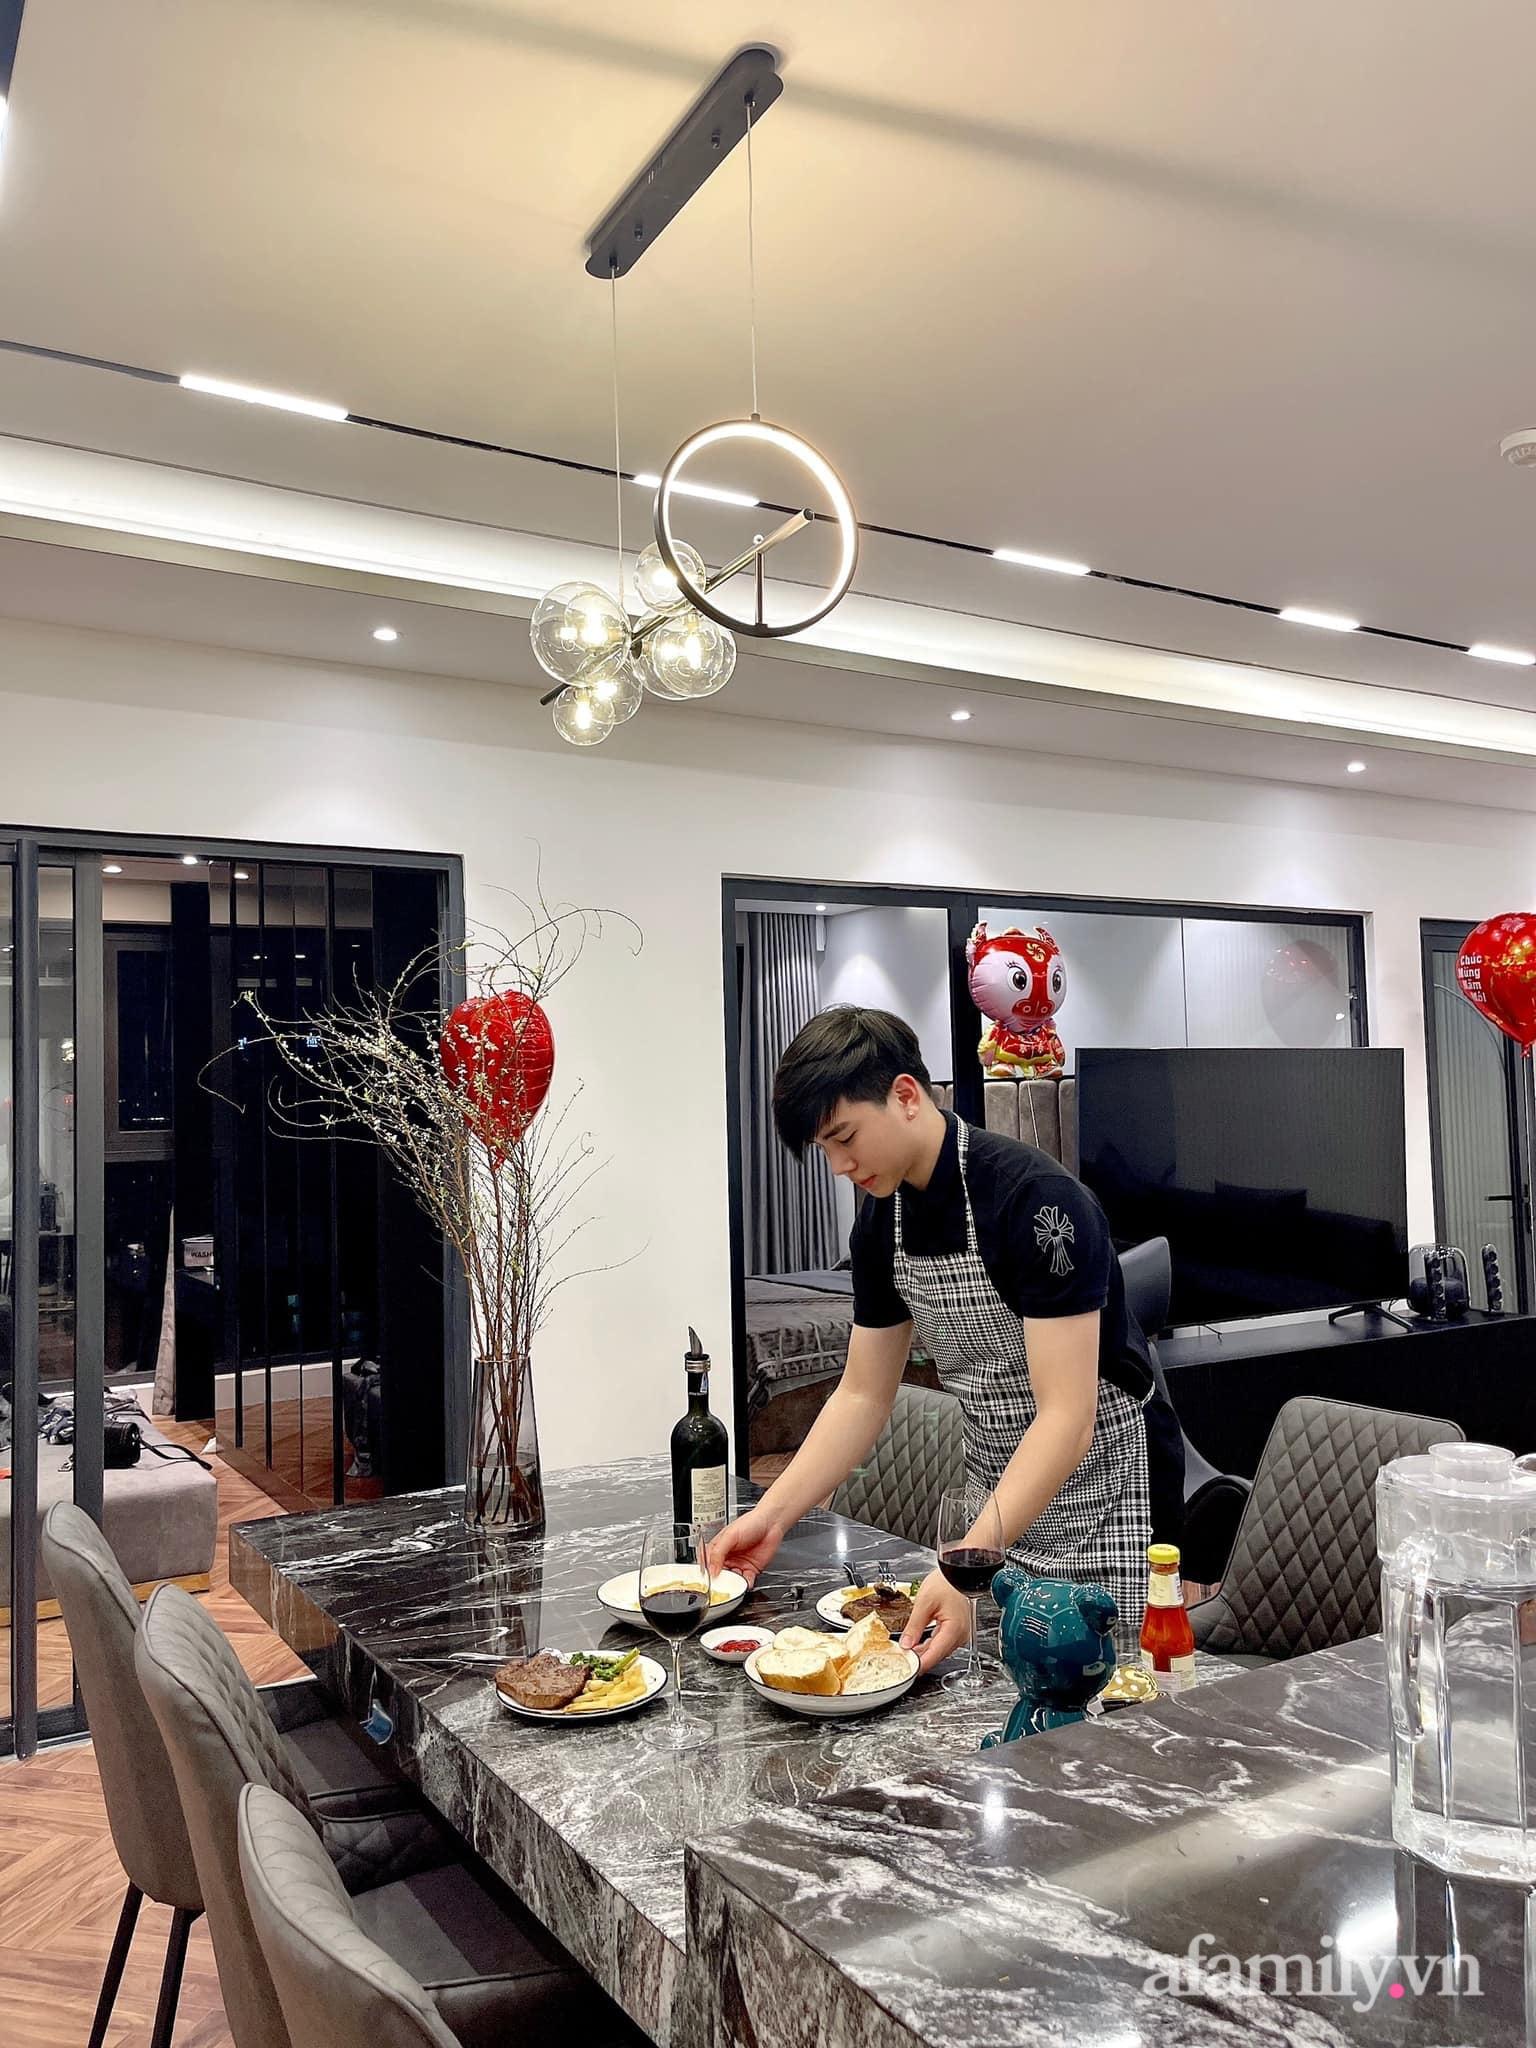 Căn hộ 125m² với gam màu tối cực chất của cặp vợ chồng yêu thời trang ở Hà Nội - Ảnh 13.